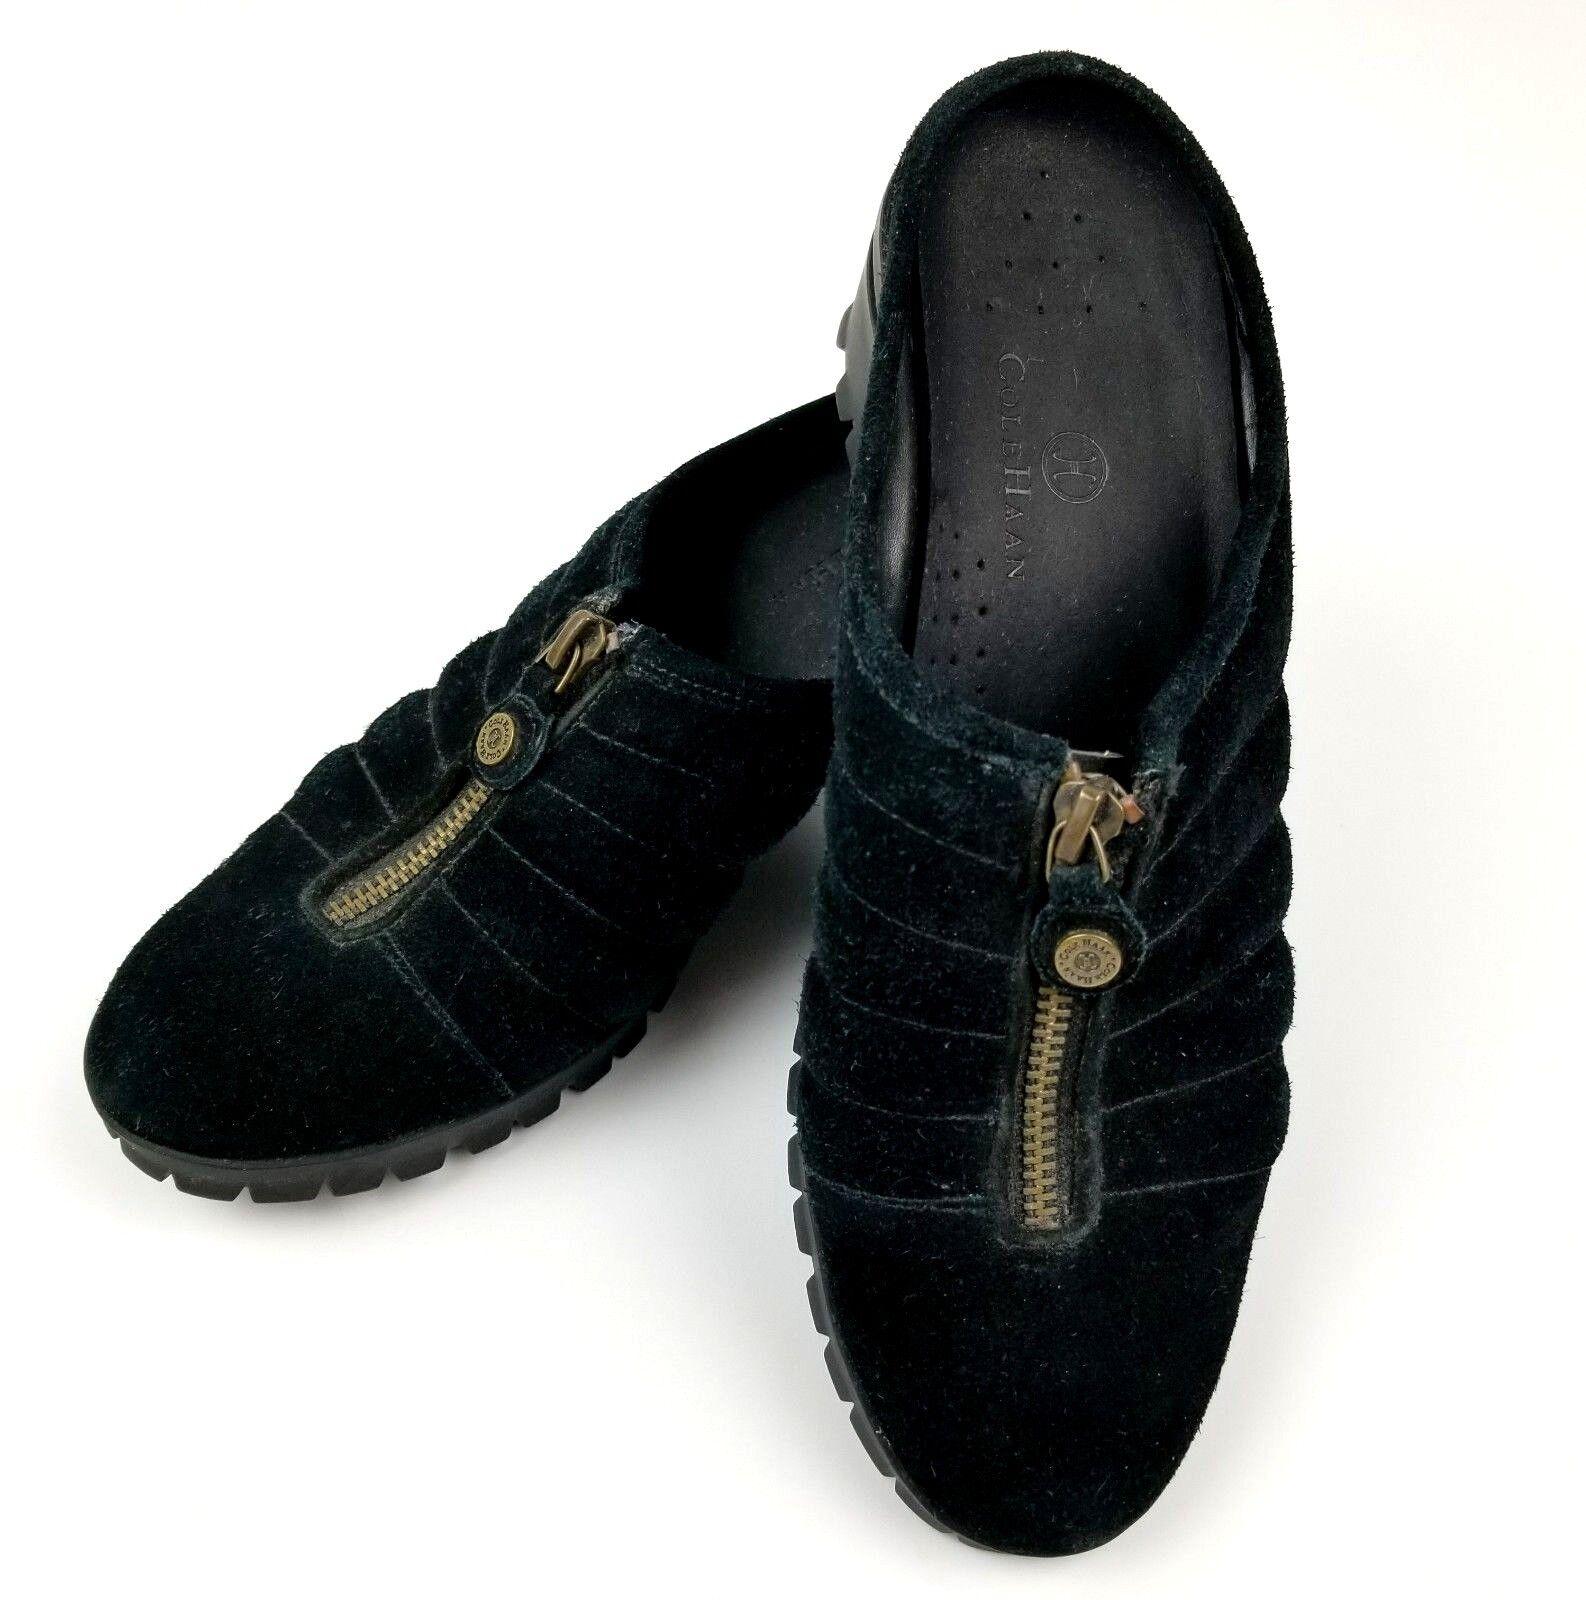 Cole Haan Womens Waterproof Mule shoes Sz 8.5B Black Suede Slip On Zip Up Euc